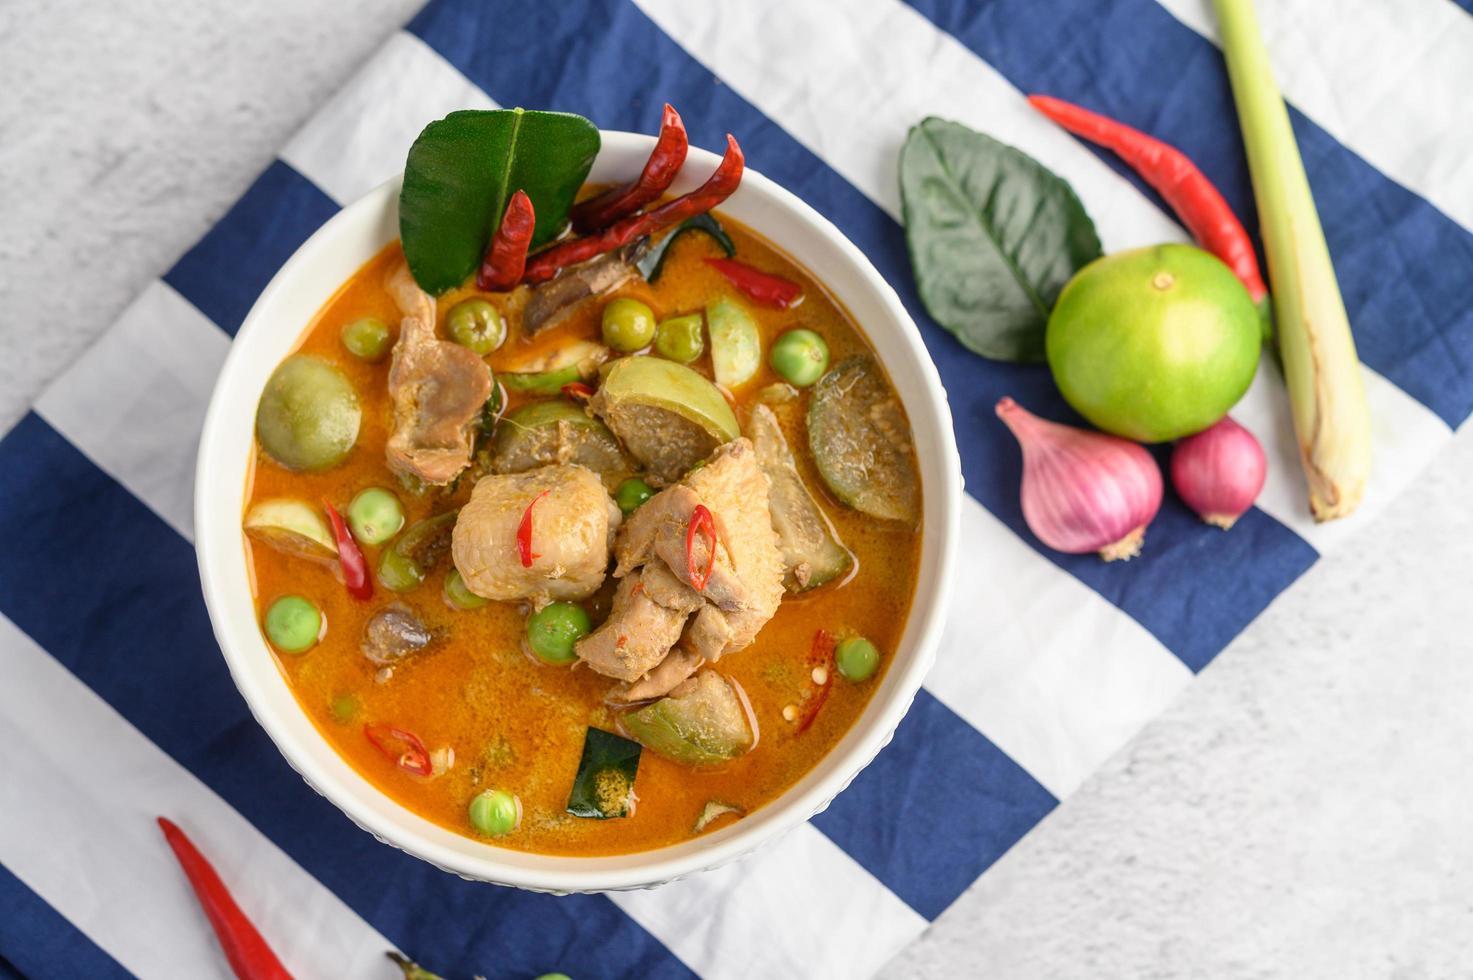 würziges Hähnchen gebraten mit thailändischen Auberginen foto